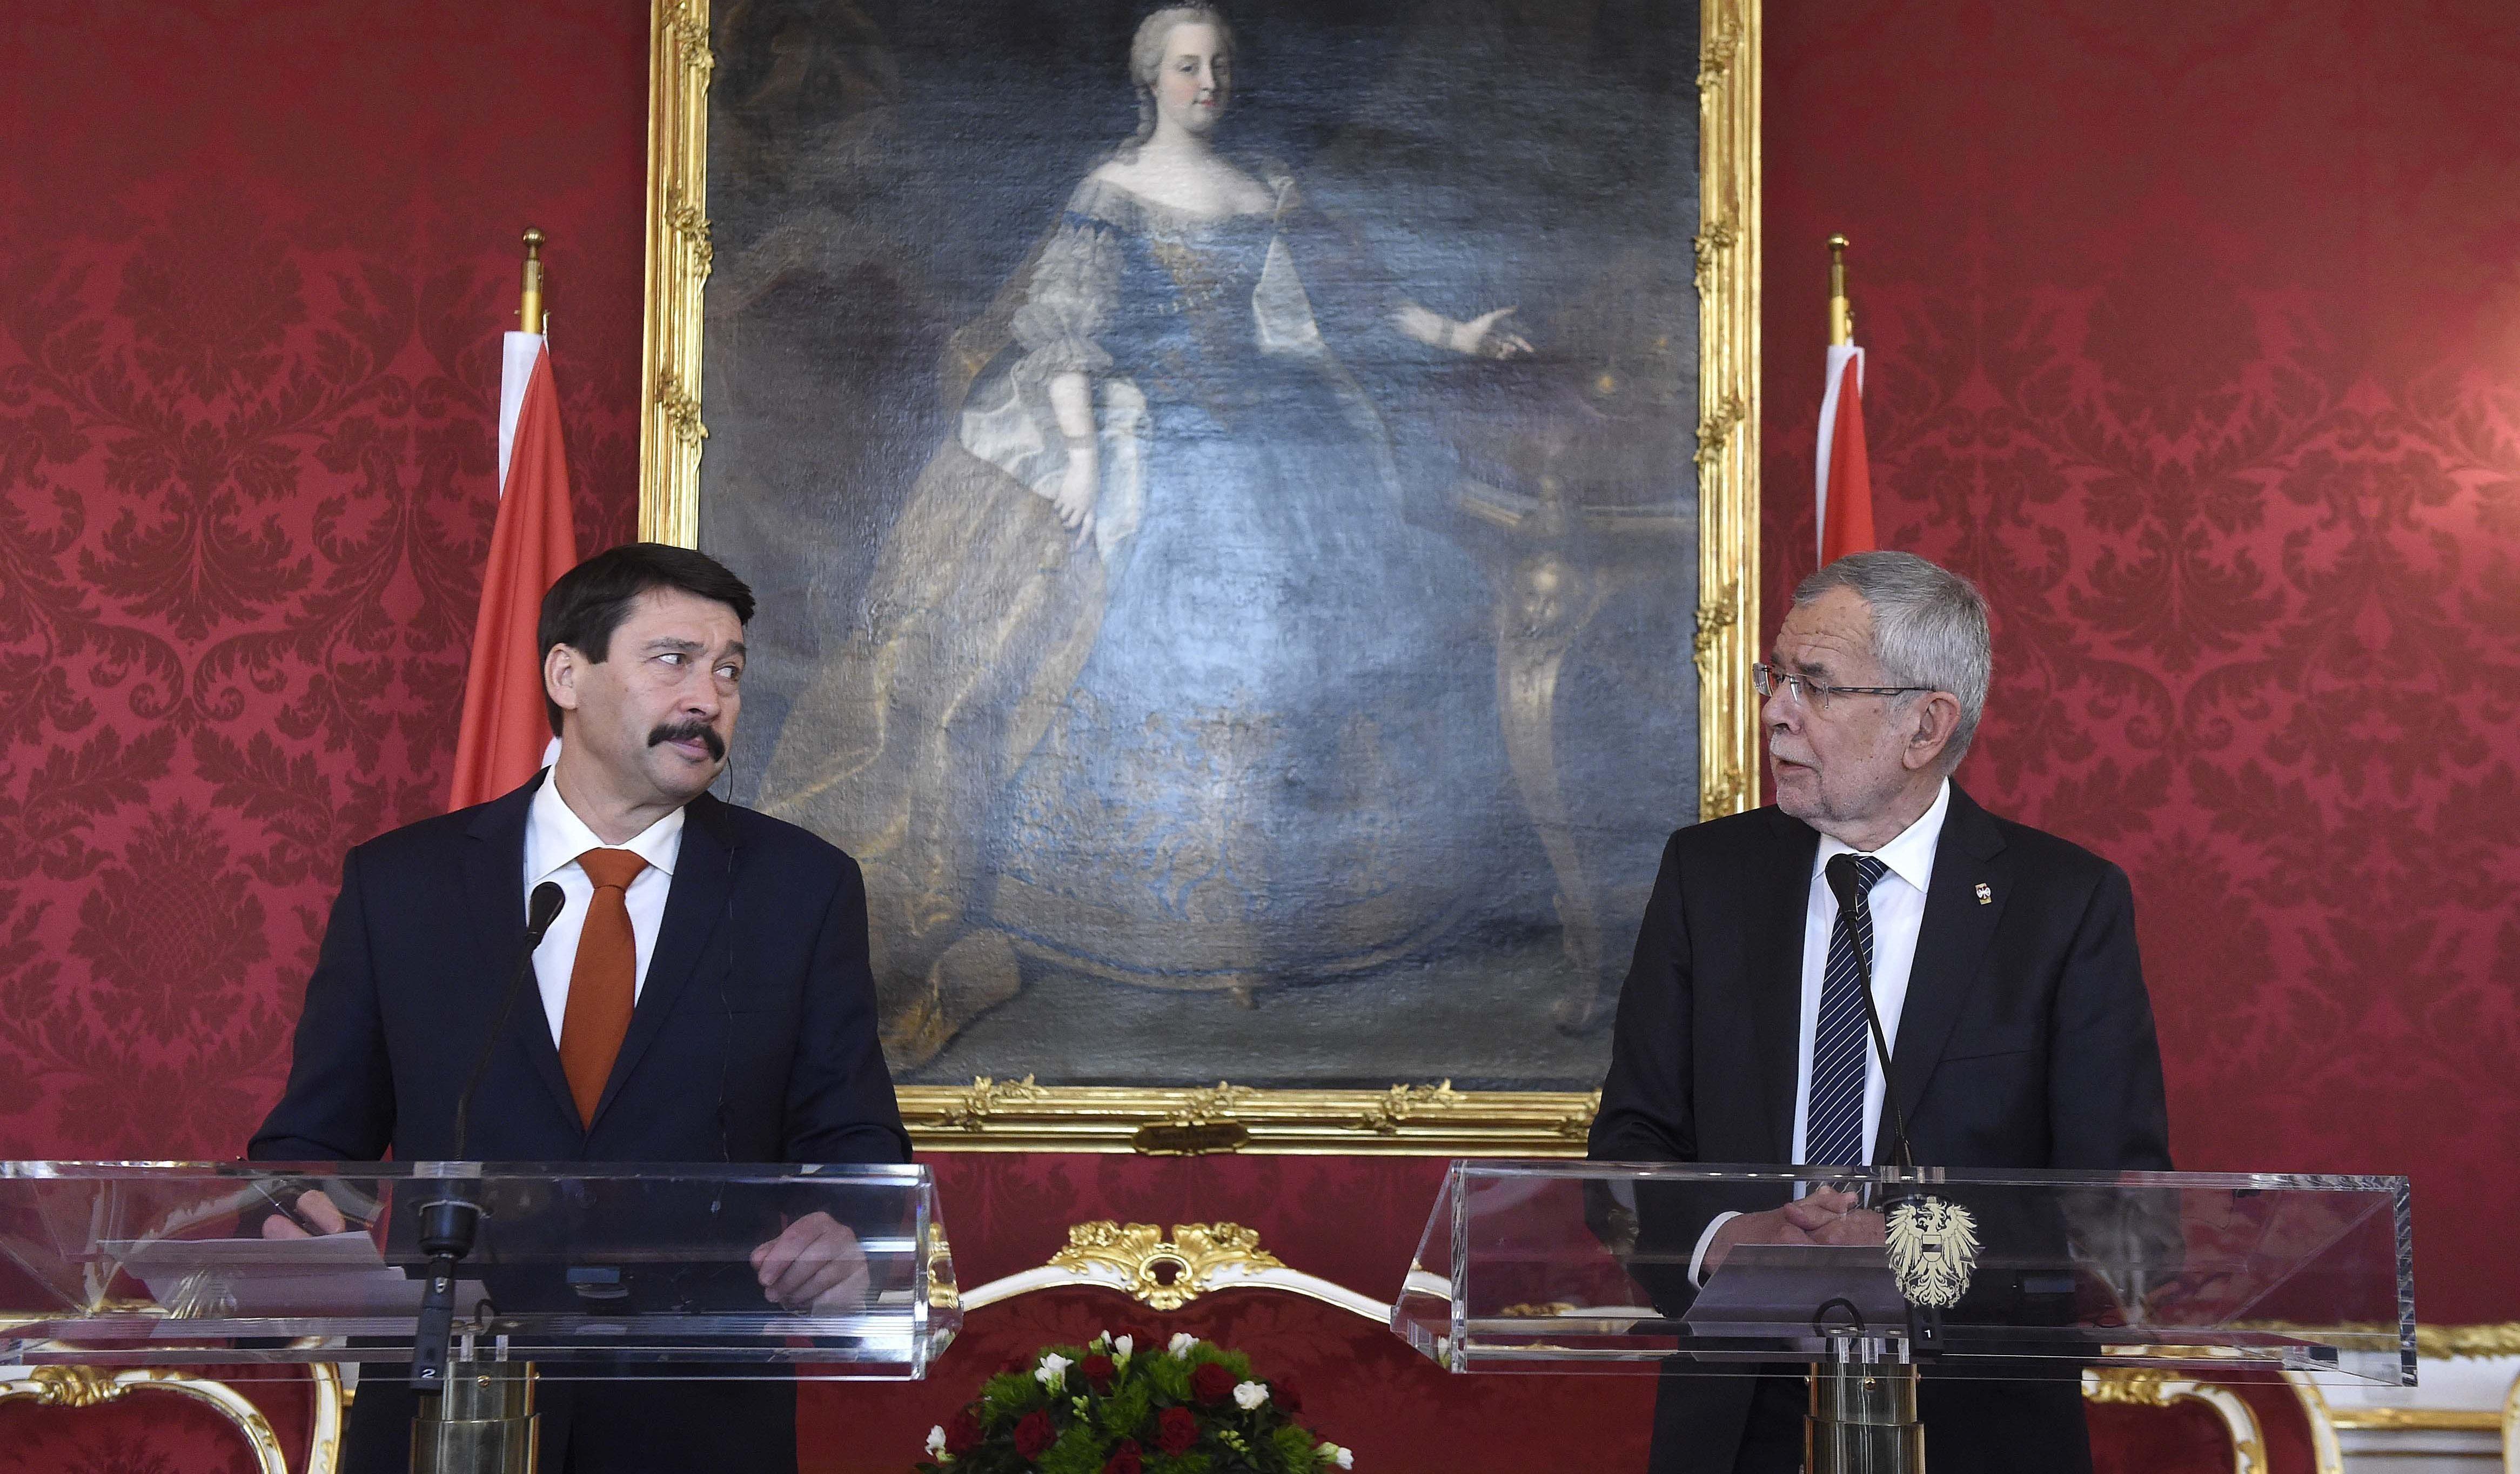 Hungary Austria ties